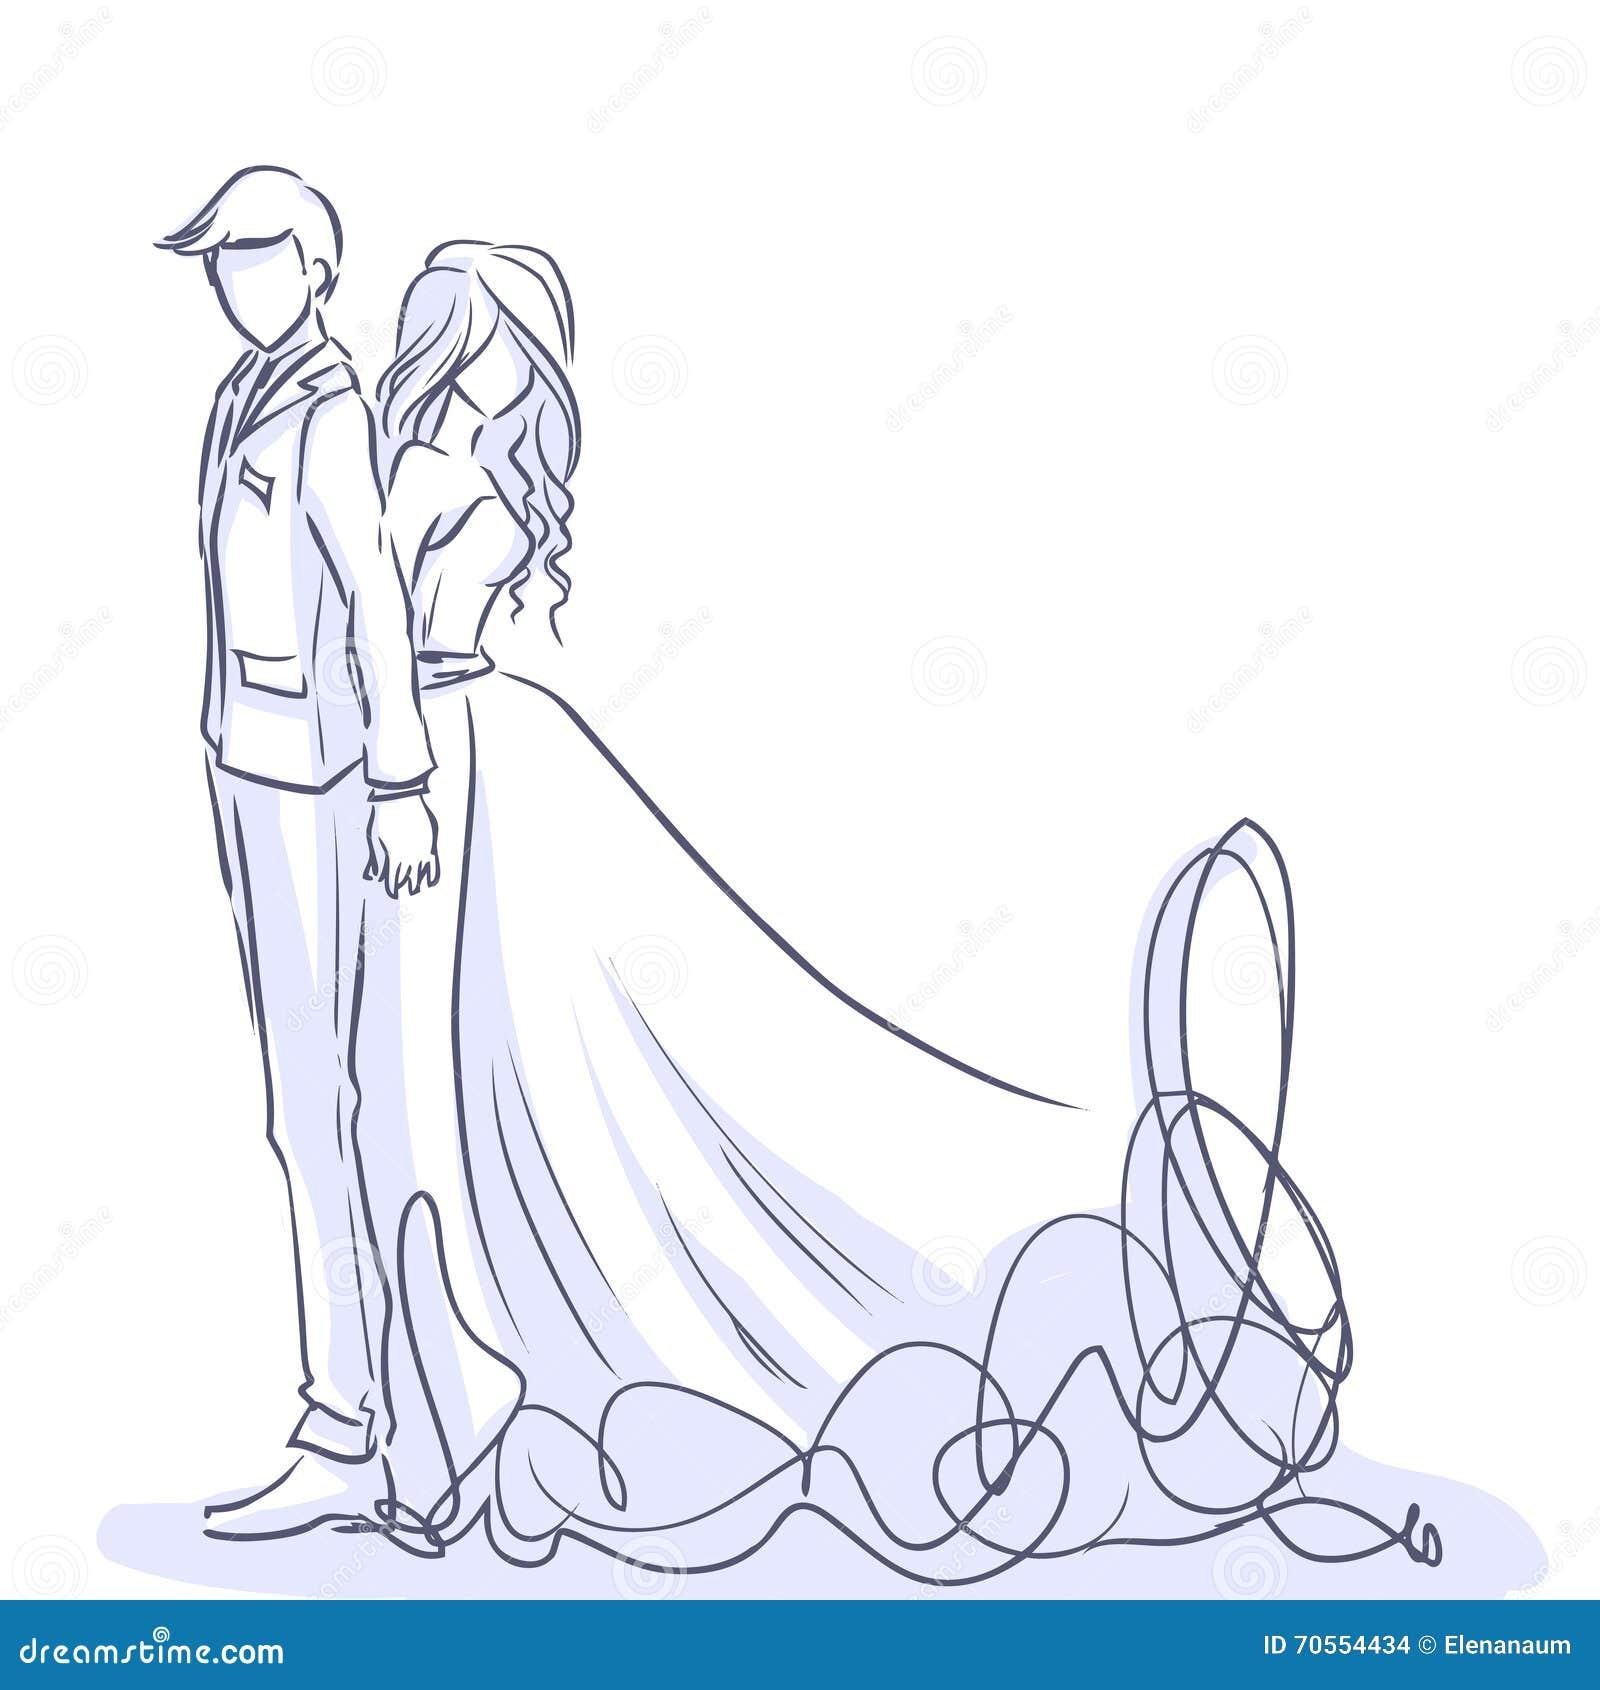 jeune mari e l gante et mari beau dessin anim de. Black Bedroom Furniture Sets. Home Design Ideas